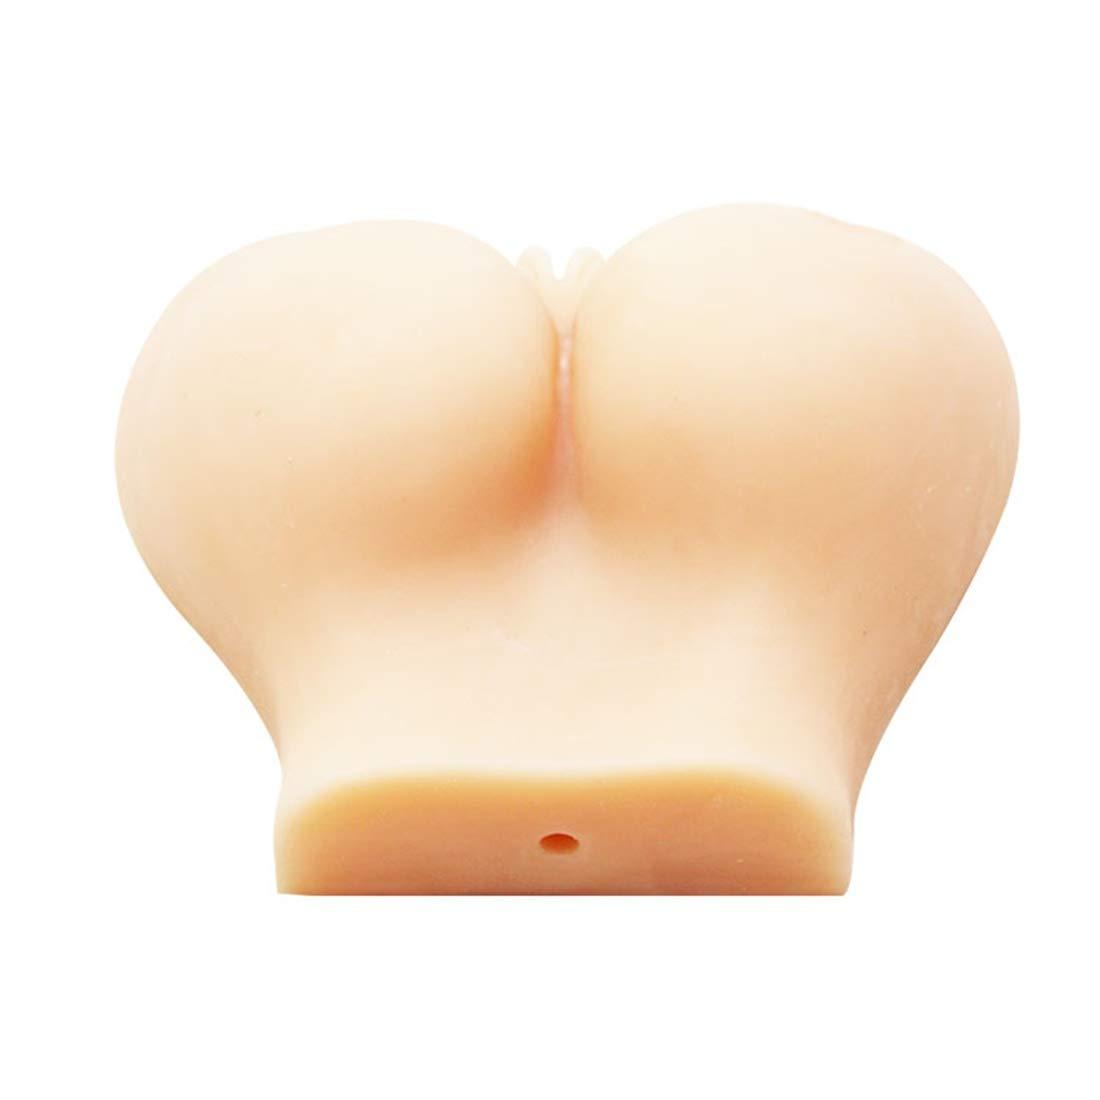 Gawe Ndaq Masturbación Culo de Silicona 3D Masturbación Ndaq Masculina Simulación Doble Agujero Culo Masaje Juguetes para Adultos,1.2Kg, Flesh 6345f7